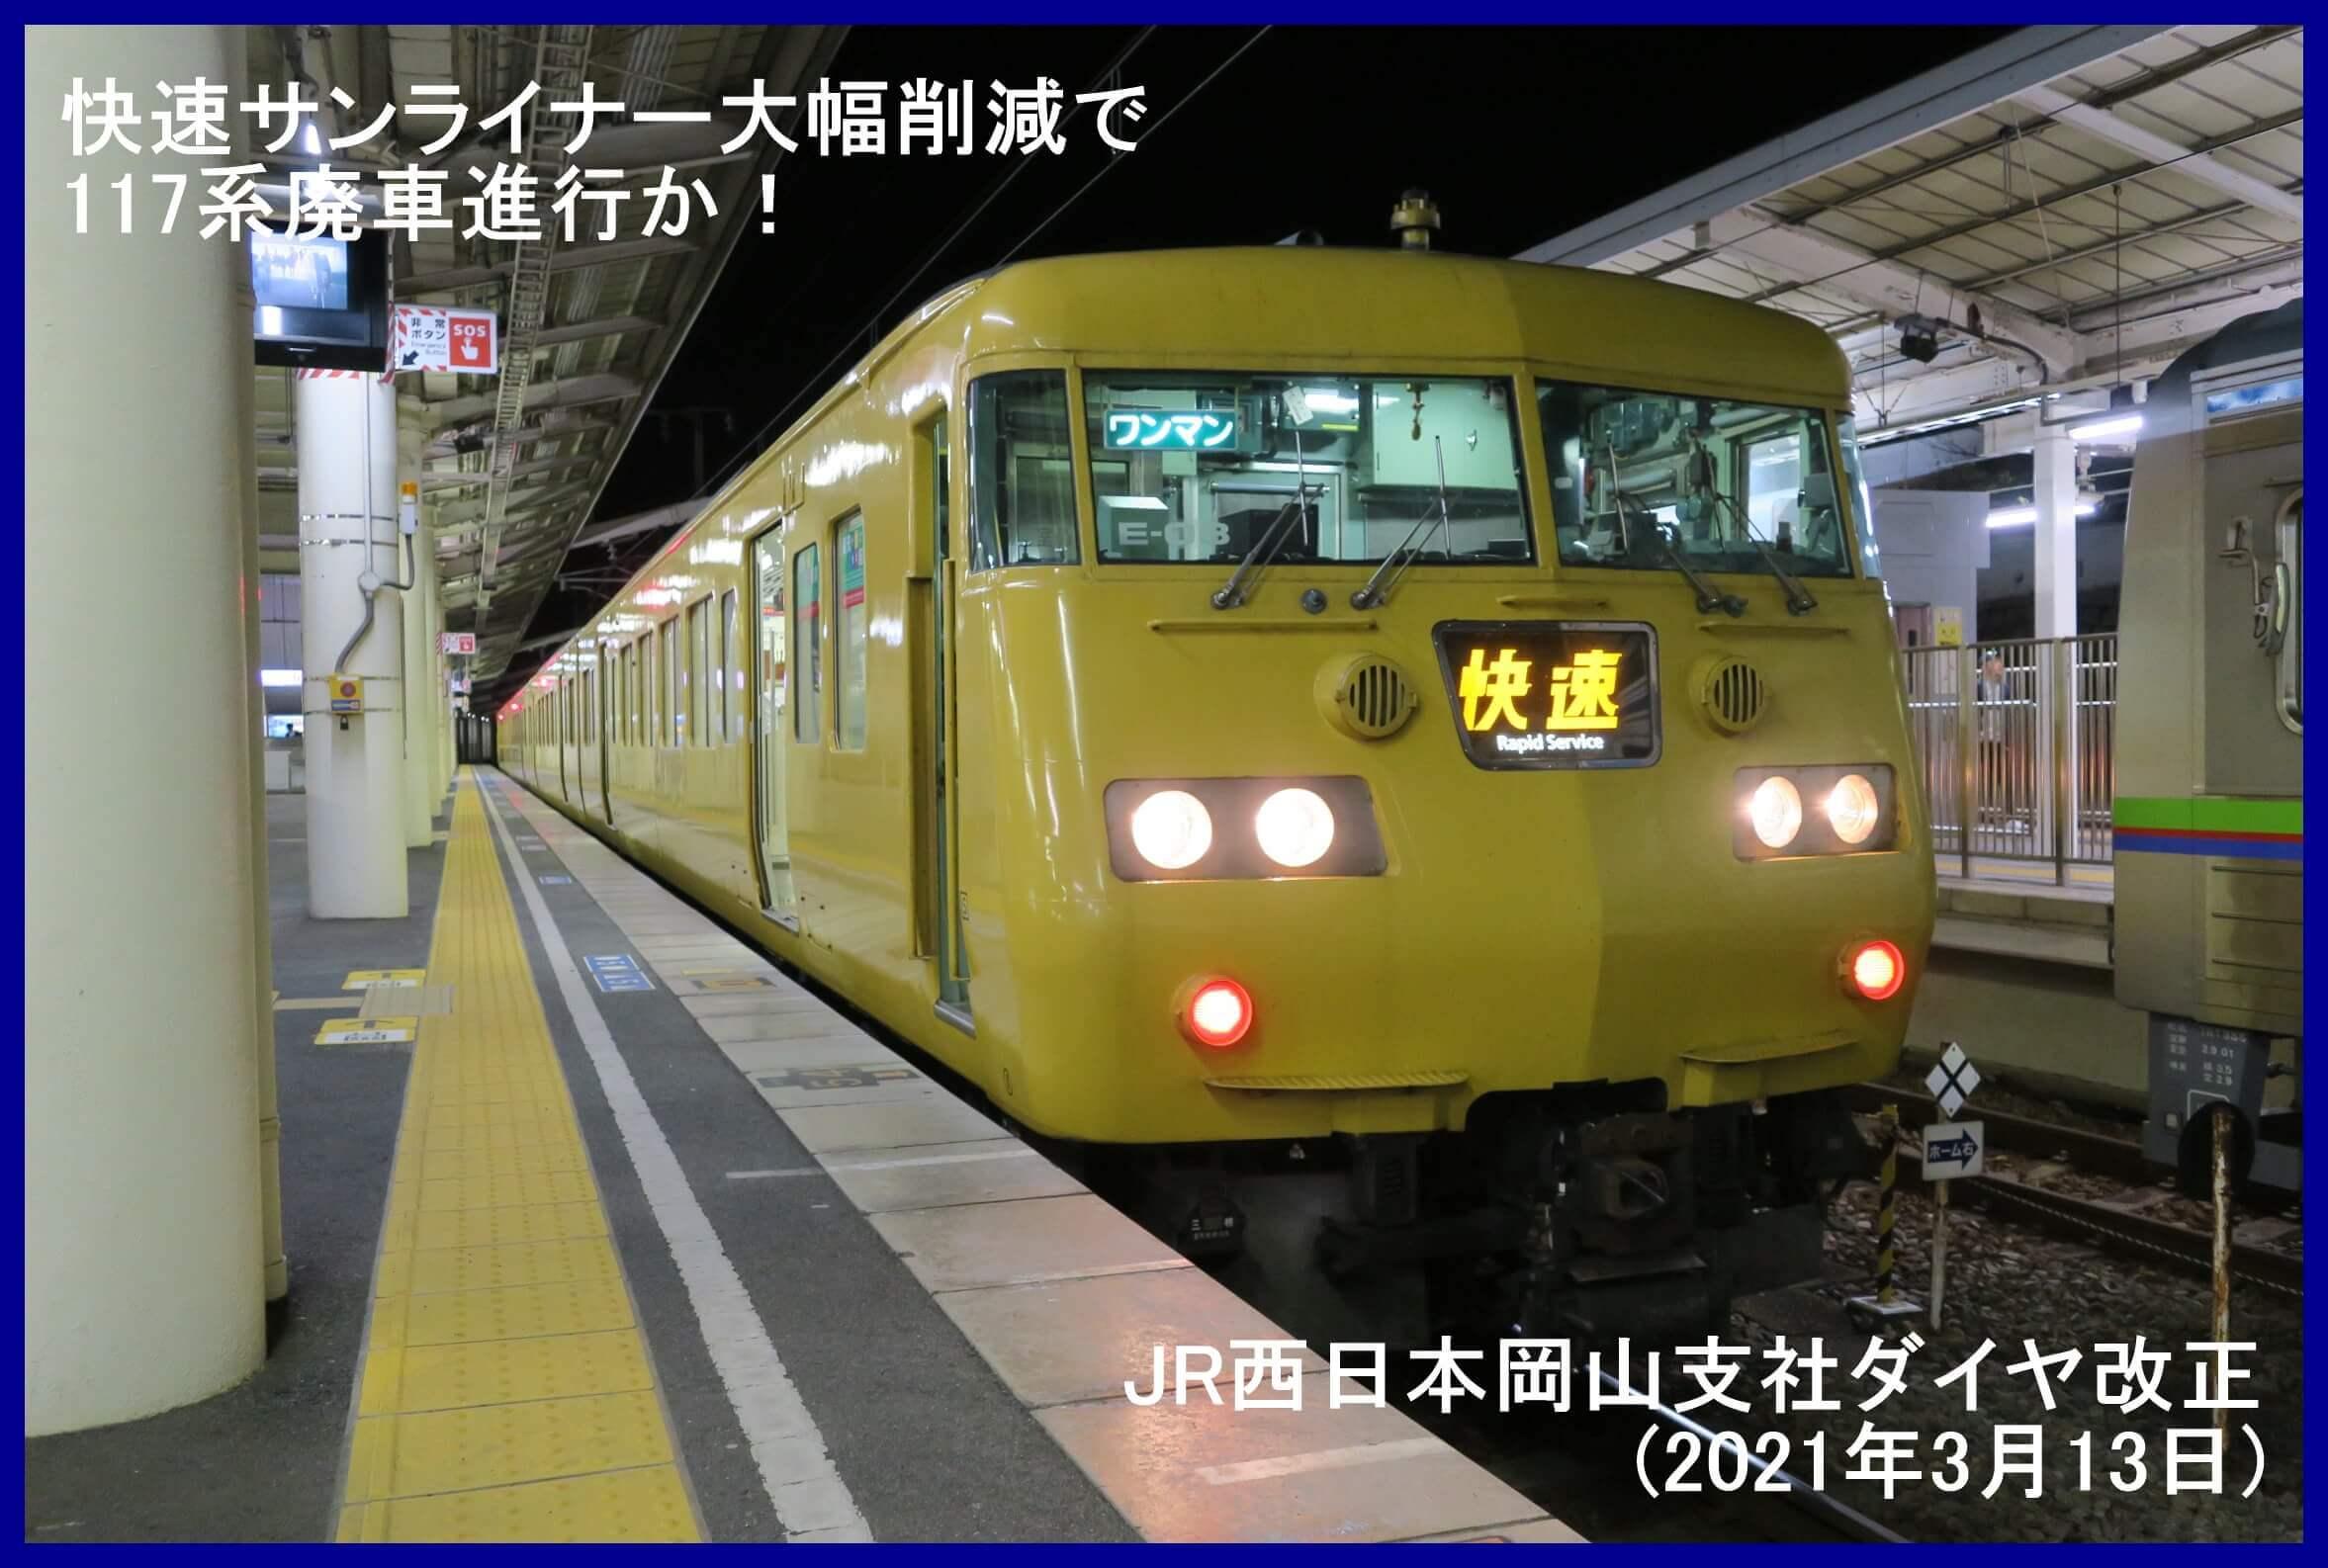 快速サンライナー大幅削減で117系廃車進行か! JR西日本岡山支社ダイヤ改正(2021年3月13日)